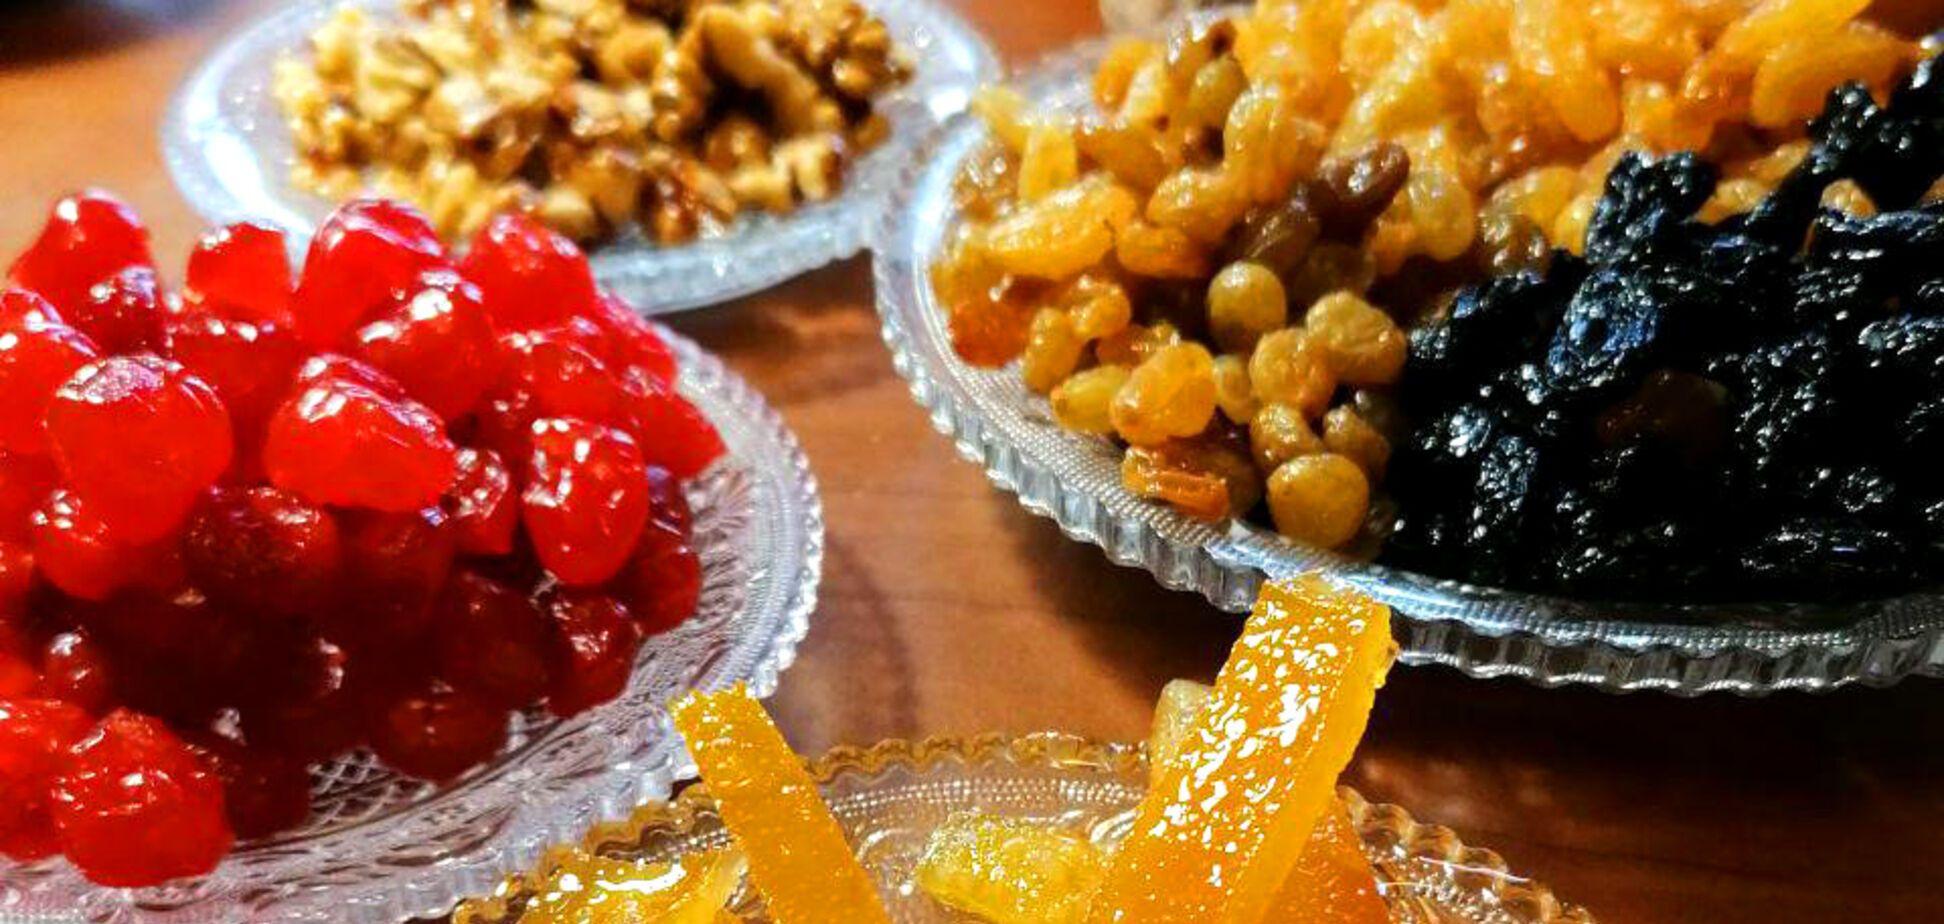 Гороскоп харчування на 2-8 березня: які продукти і режим харчування будуть корисні цього тижня